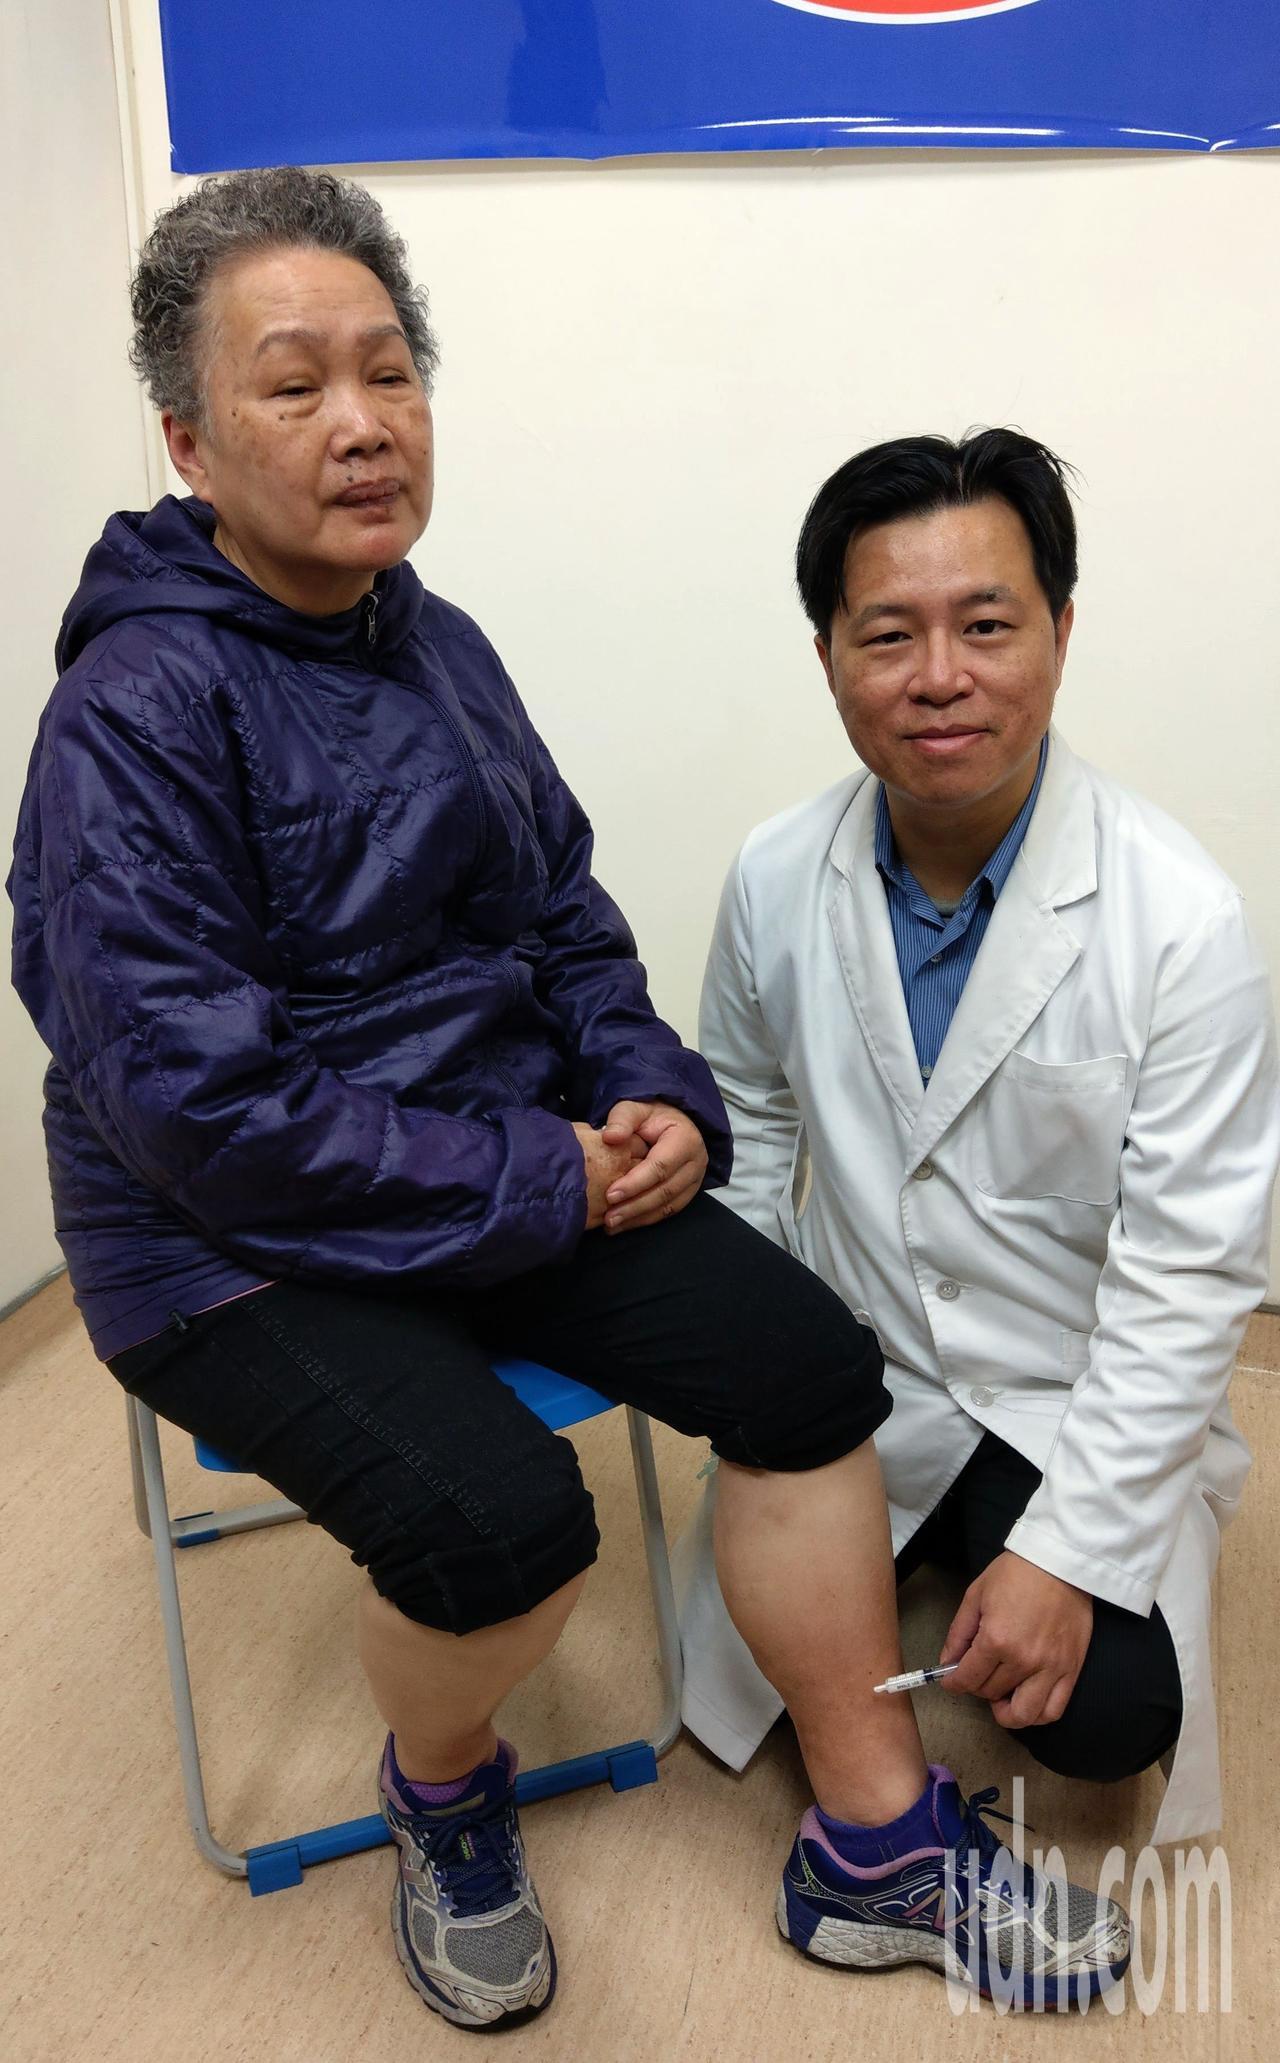 66歲梁姓女病患(左)經向醫師林子鈞(右)求診,接受泡沫注射療法,術後養成持續每...